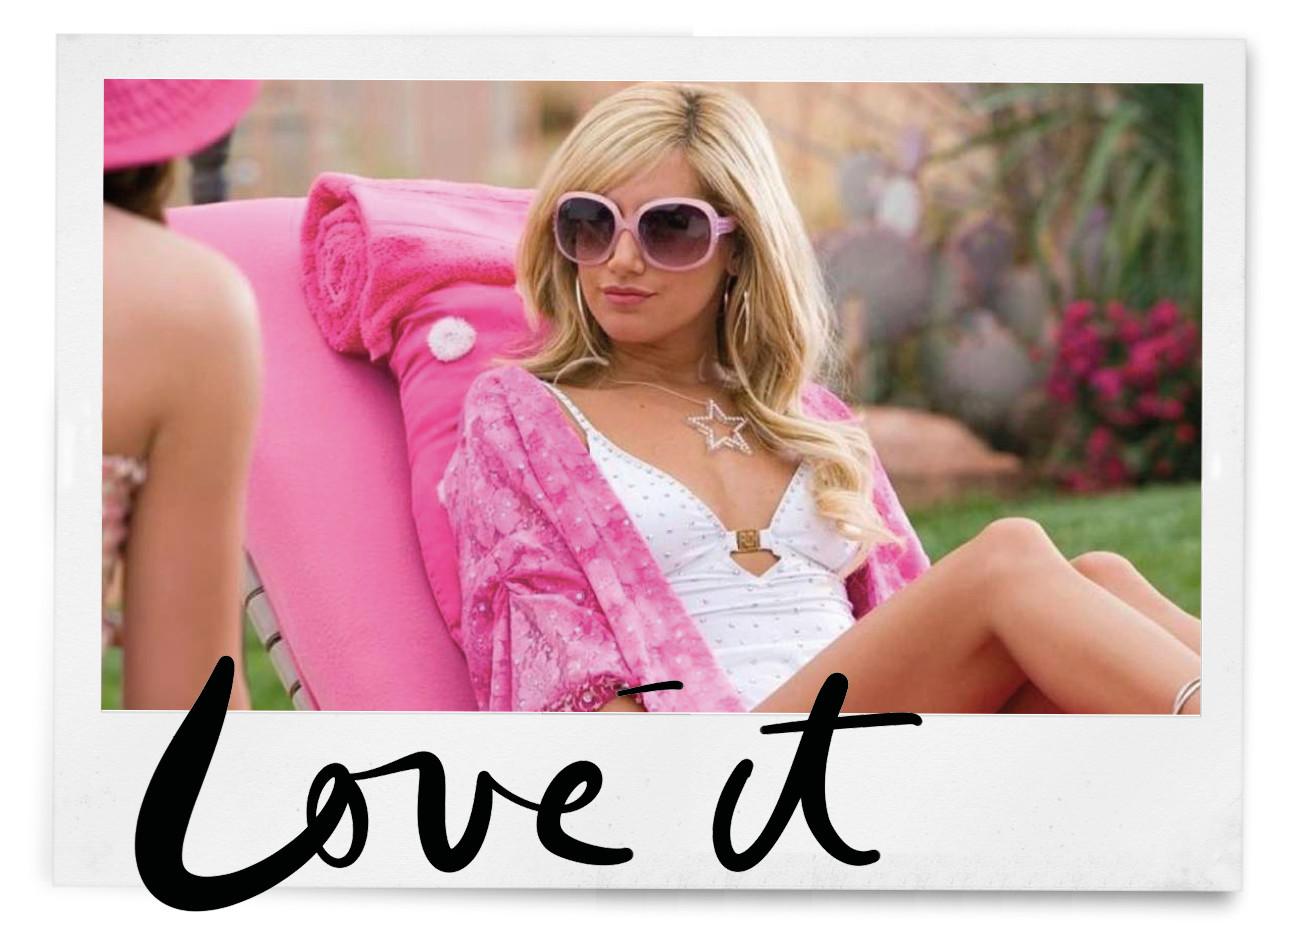 sharpay van high school musical en roze outfit en zonnebril bij het zwembad